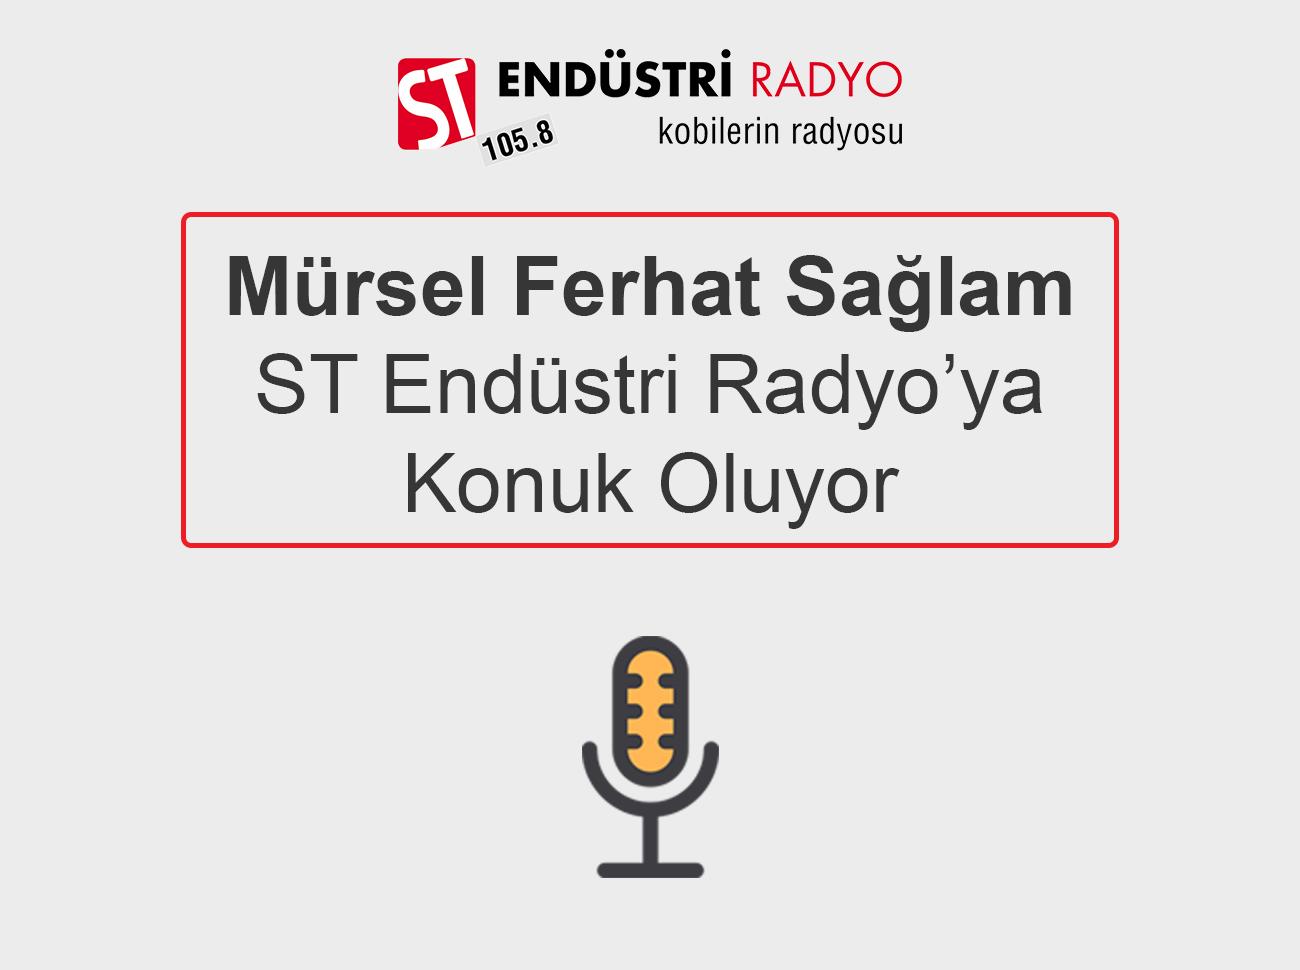 Mürsel Ferhat Sağlam ST Endüstri Radyo